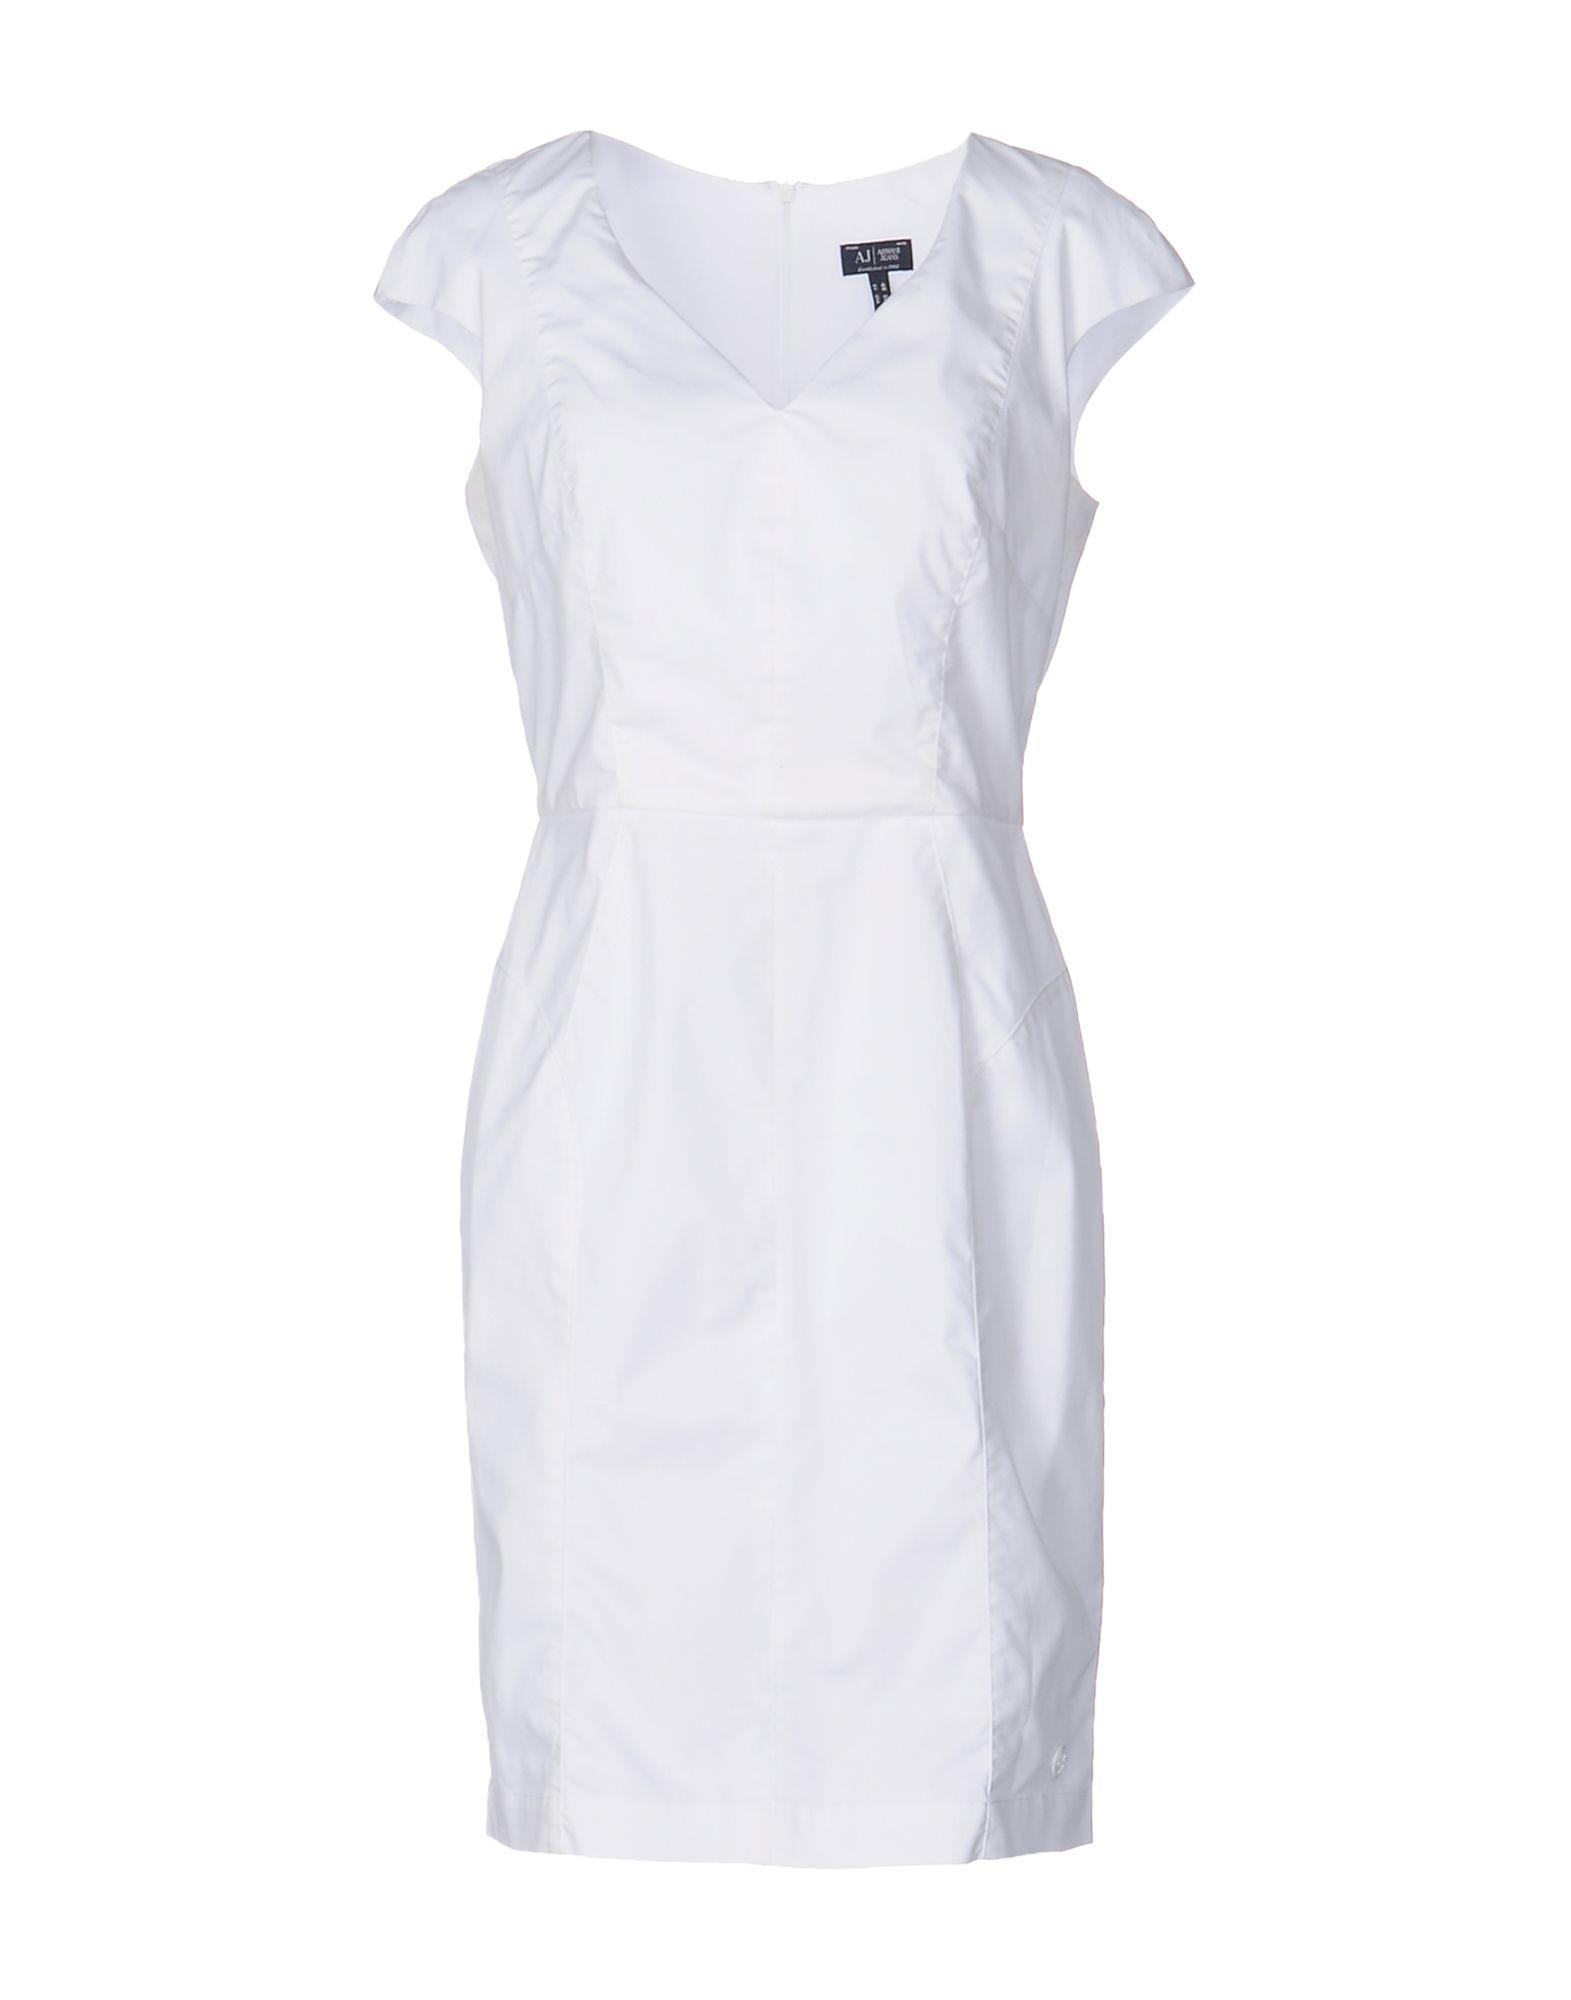 Jeans Offres Armani Et Pour Ventes Blanc Doudoune 2017 Octobre 4q5nxBZn f90b20a1591